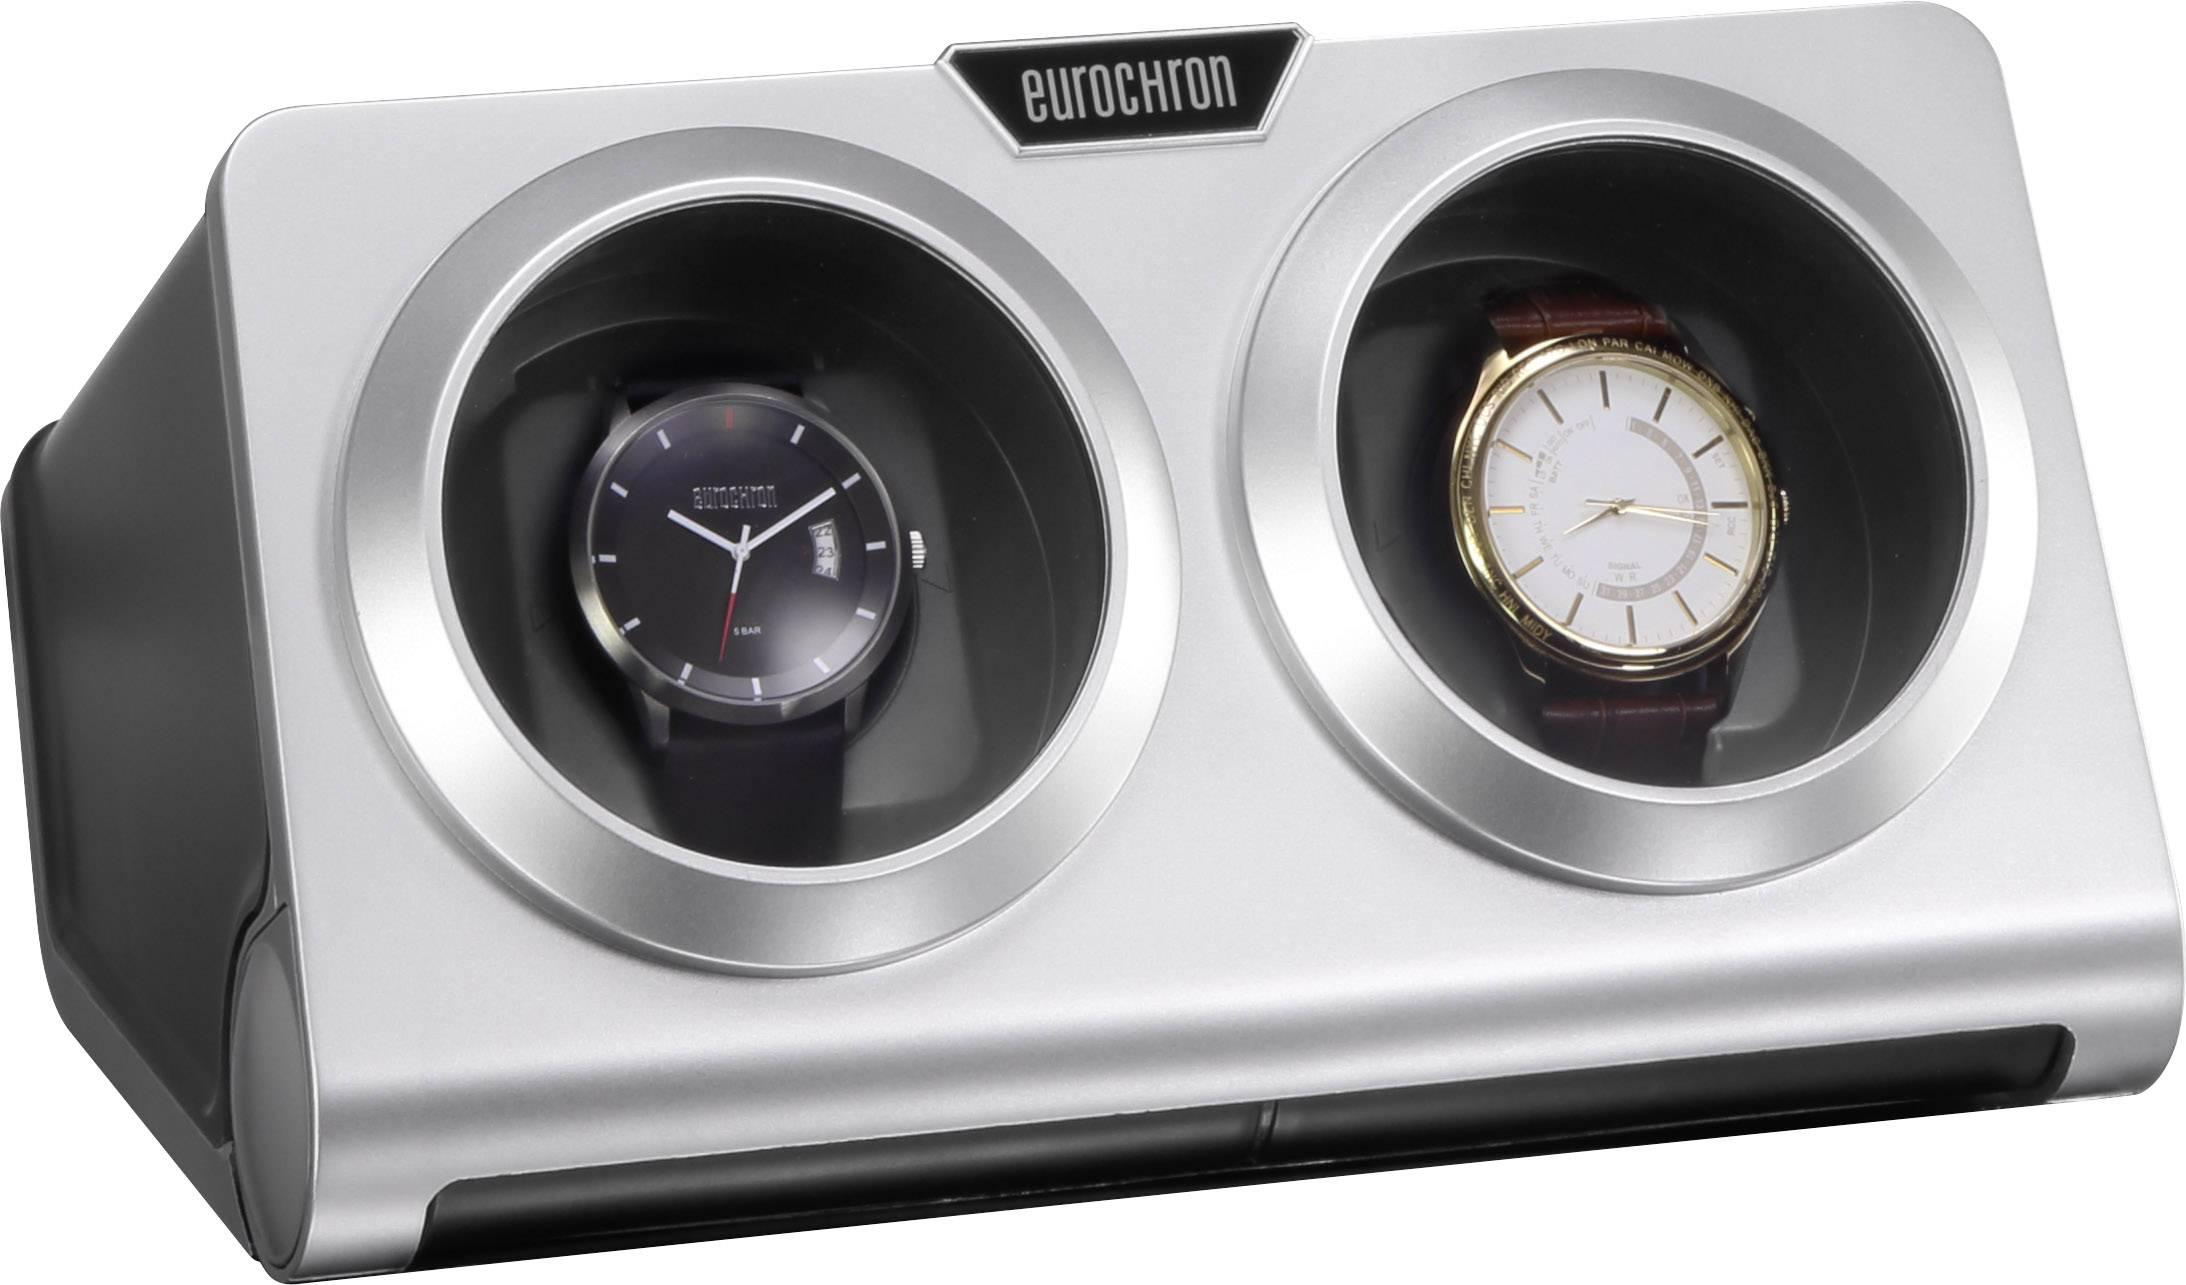 Stojan na hodinky s naťahovačom Eurochron vhodný na dvoje hodinky